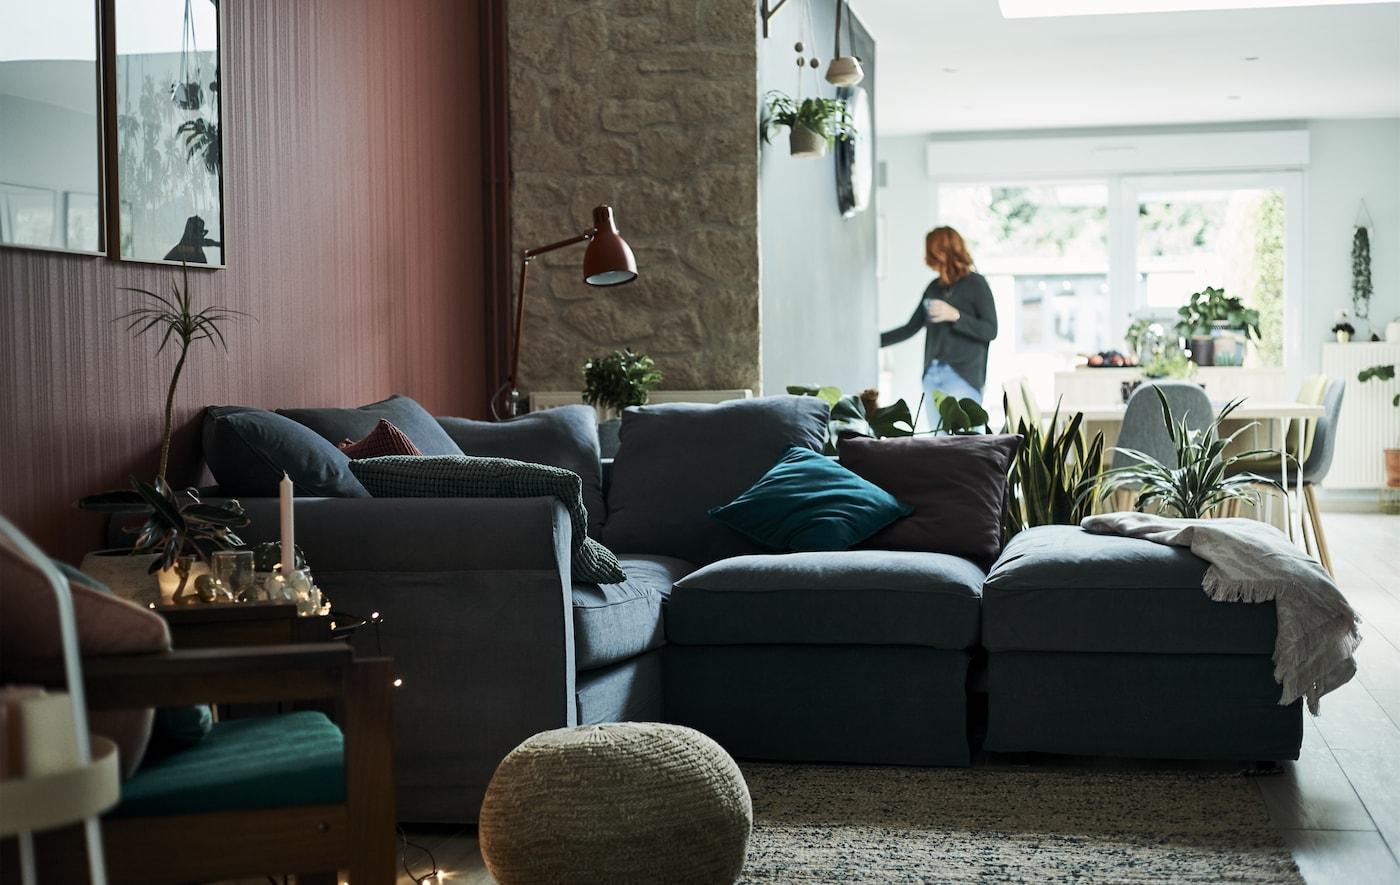 """غرفة معيشة مع أريكة رمادية على شكل حرف <bdo dir=""""ltr"""">L</bdo> وجدار أحمر، ومساحة لتناول الطعام في الخلفية."""